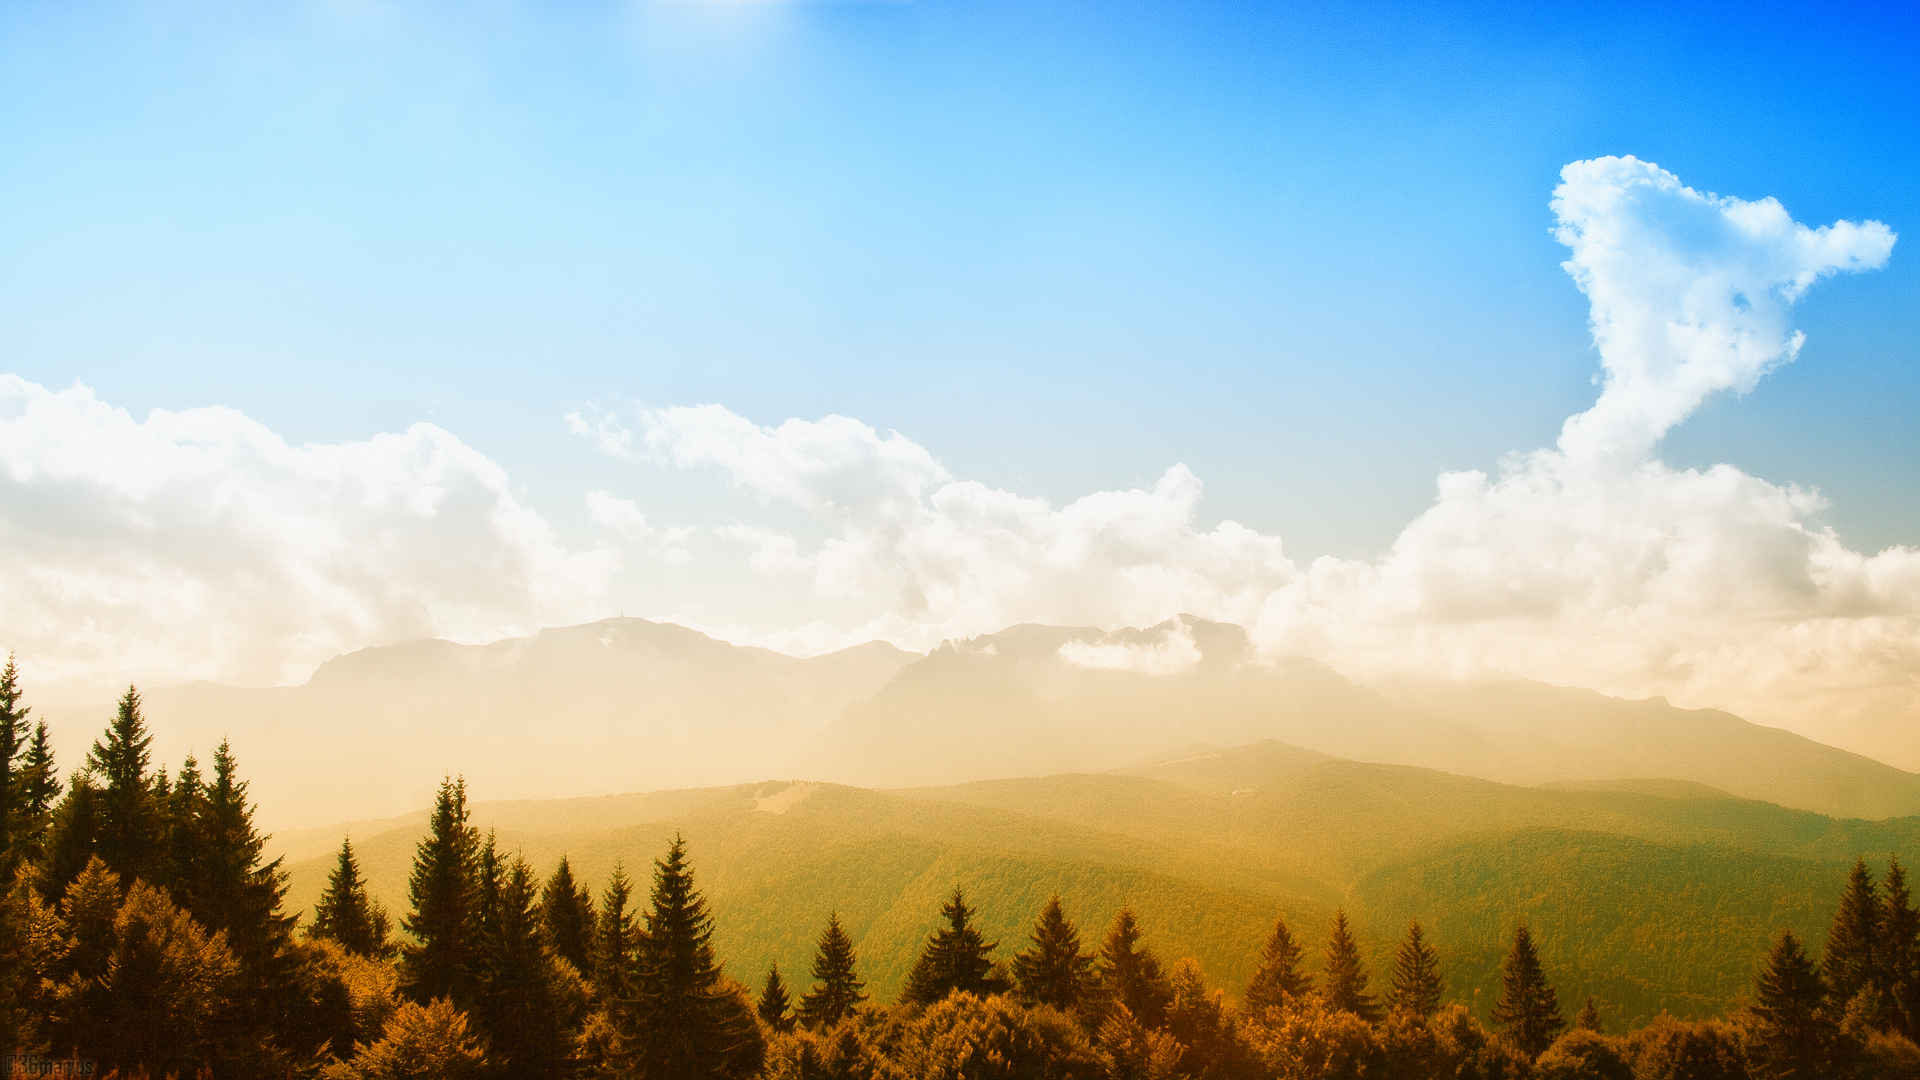 22188 télécharger le fond d'écran Paysage, Arbres, Sky, Montagnes, Nuages - économiseurs d'écran et images gratuitement